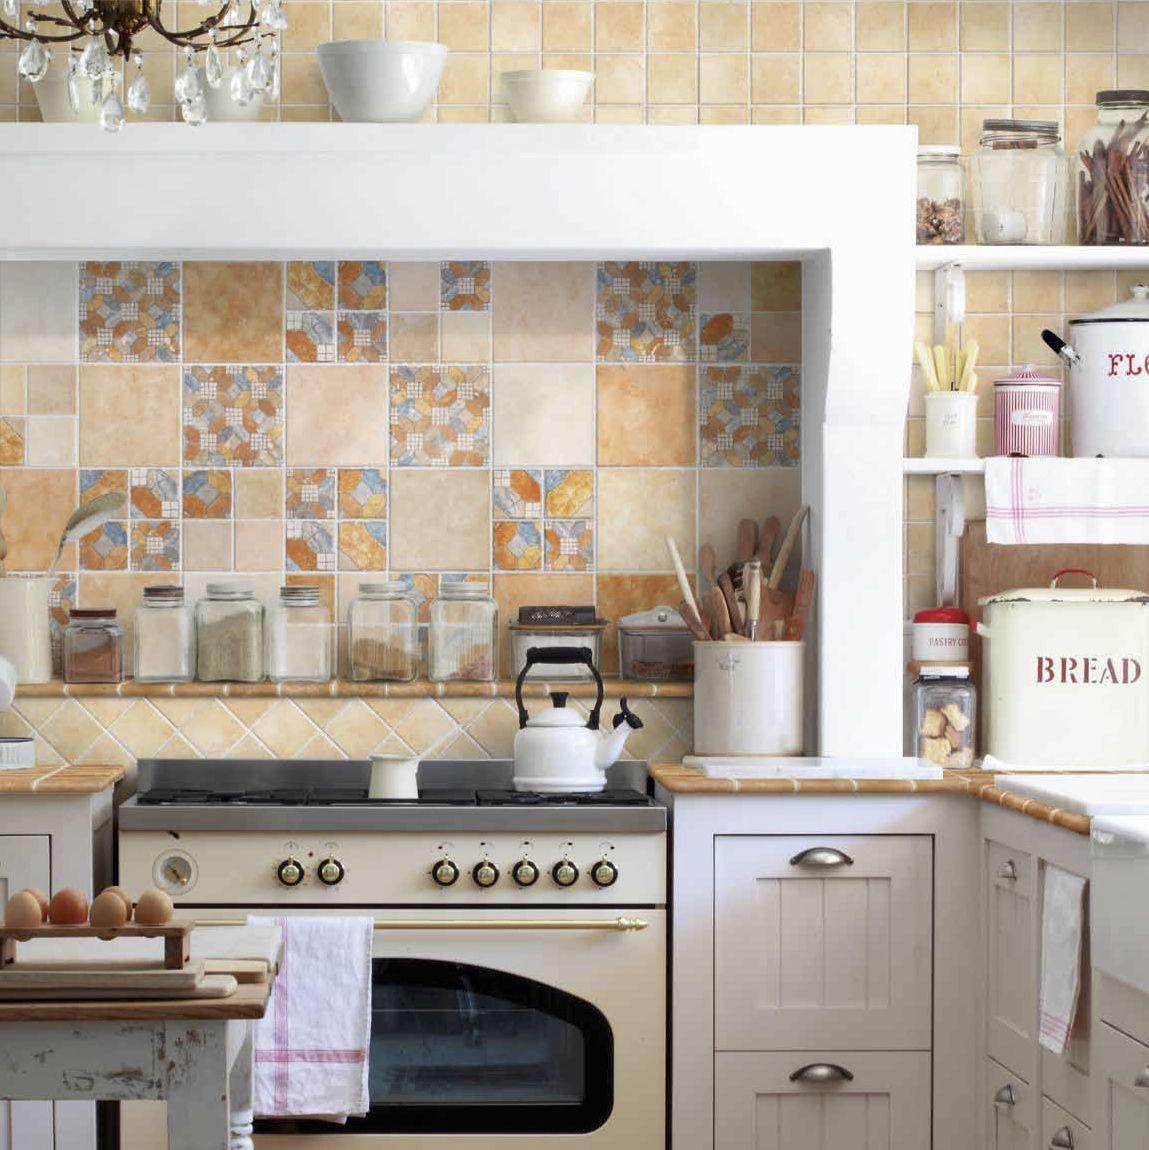 piastrella da bagno / da cucina / da parete / in ceramica - spezie ... - Ceramica Cucina